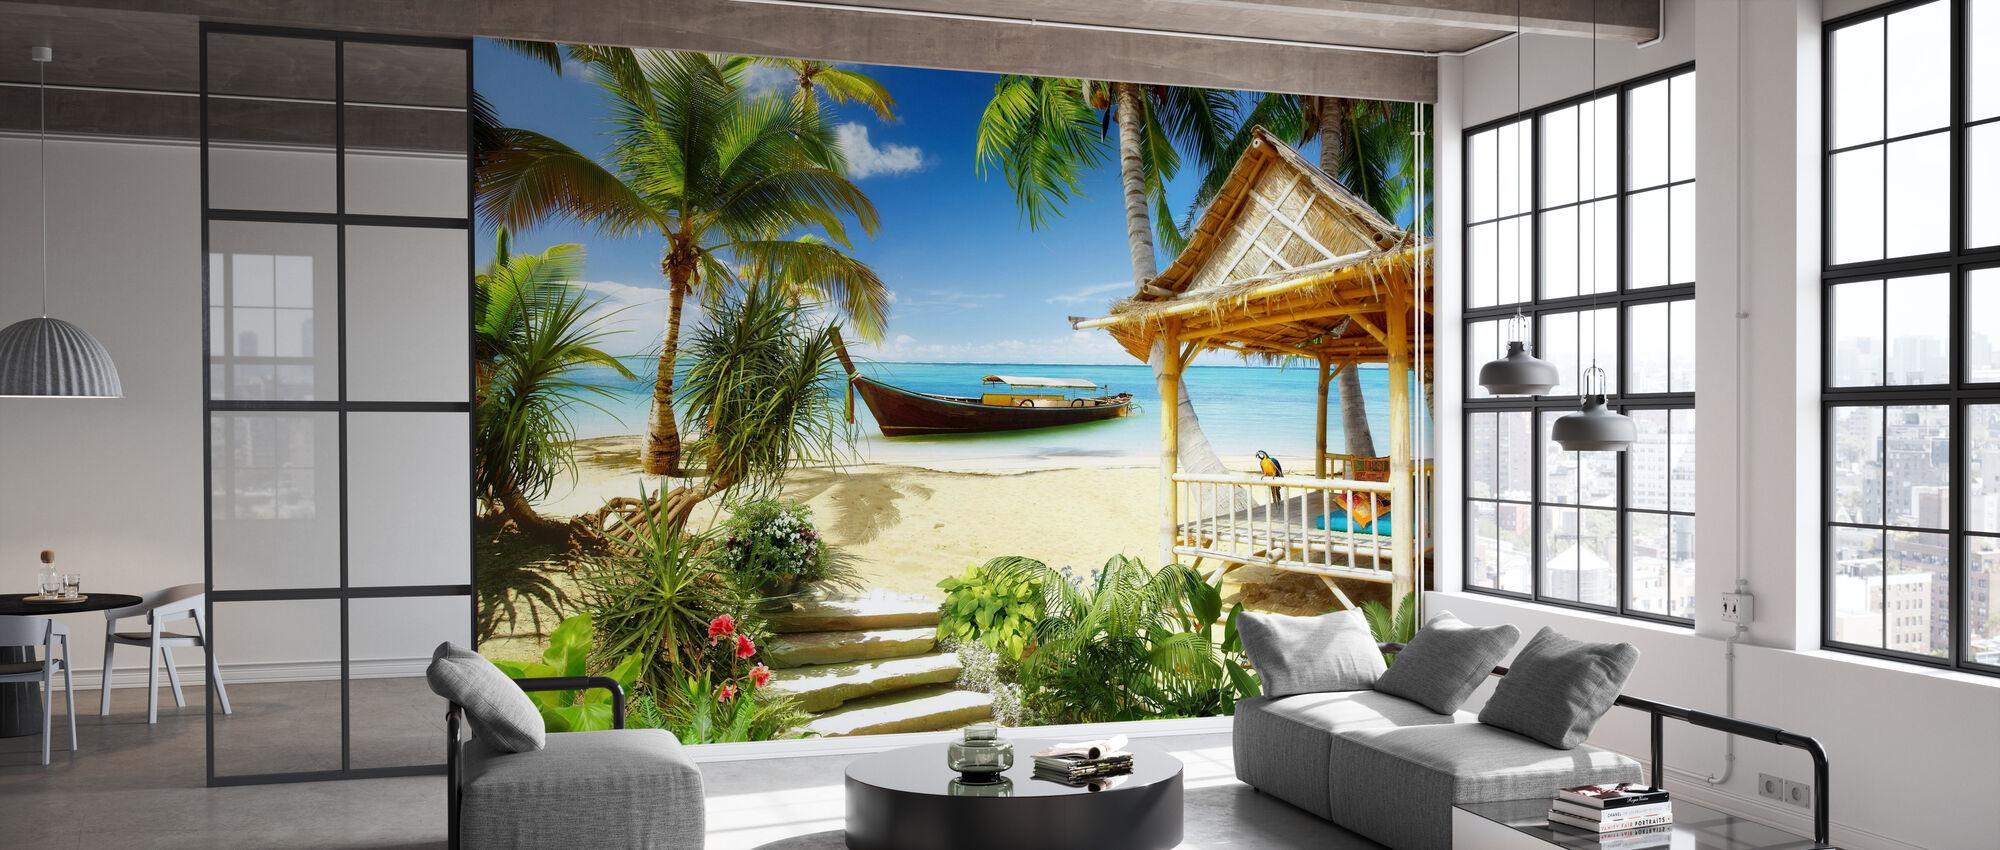 Retro Tropics - Wallpaper - Office